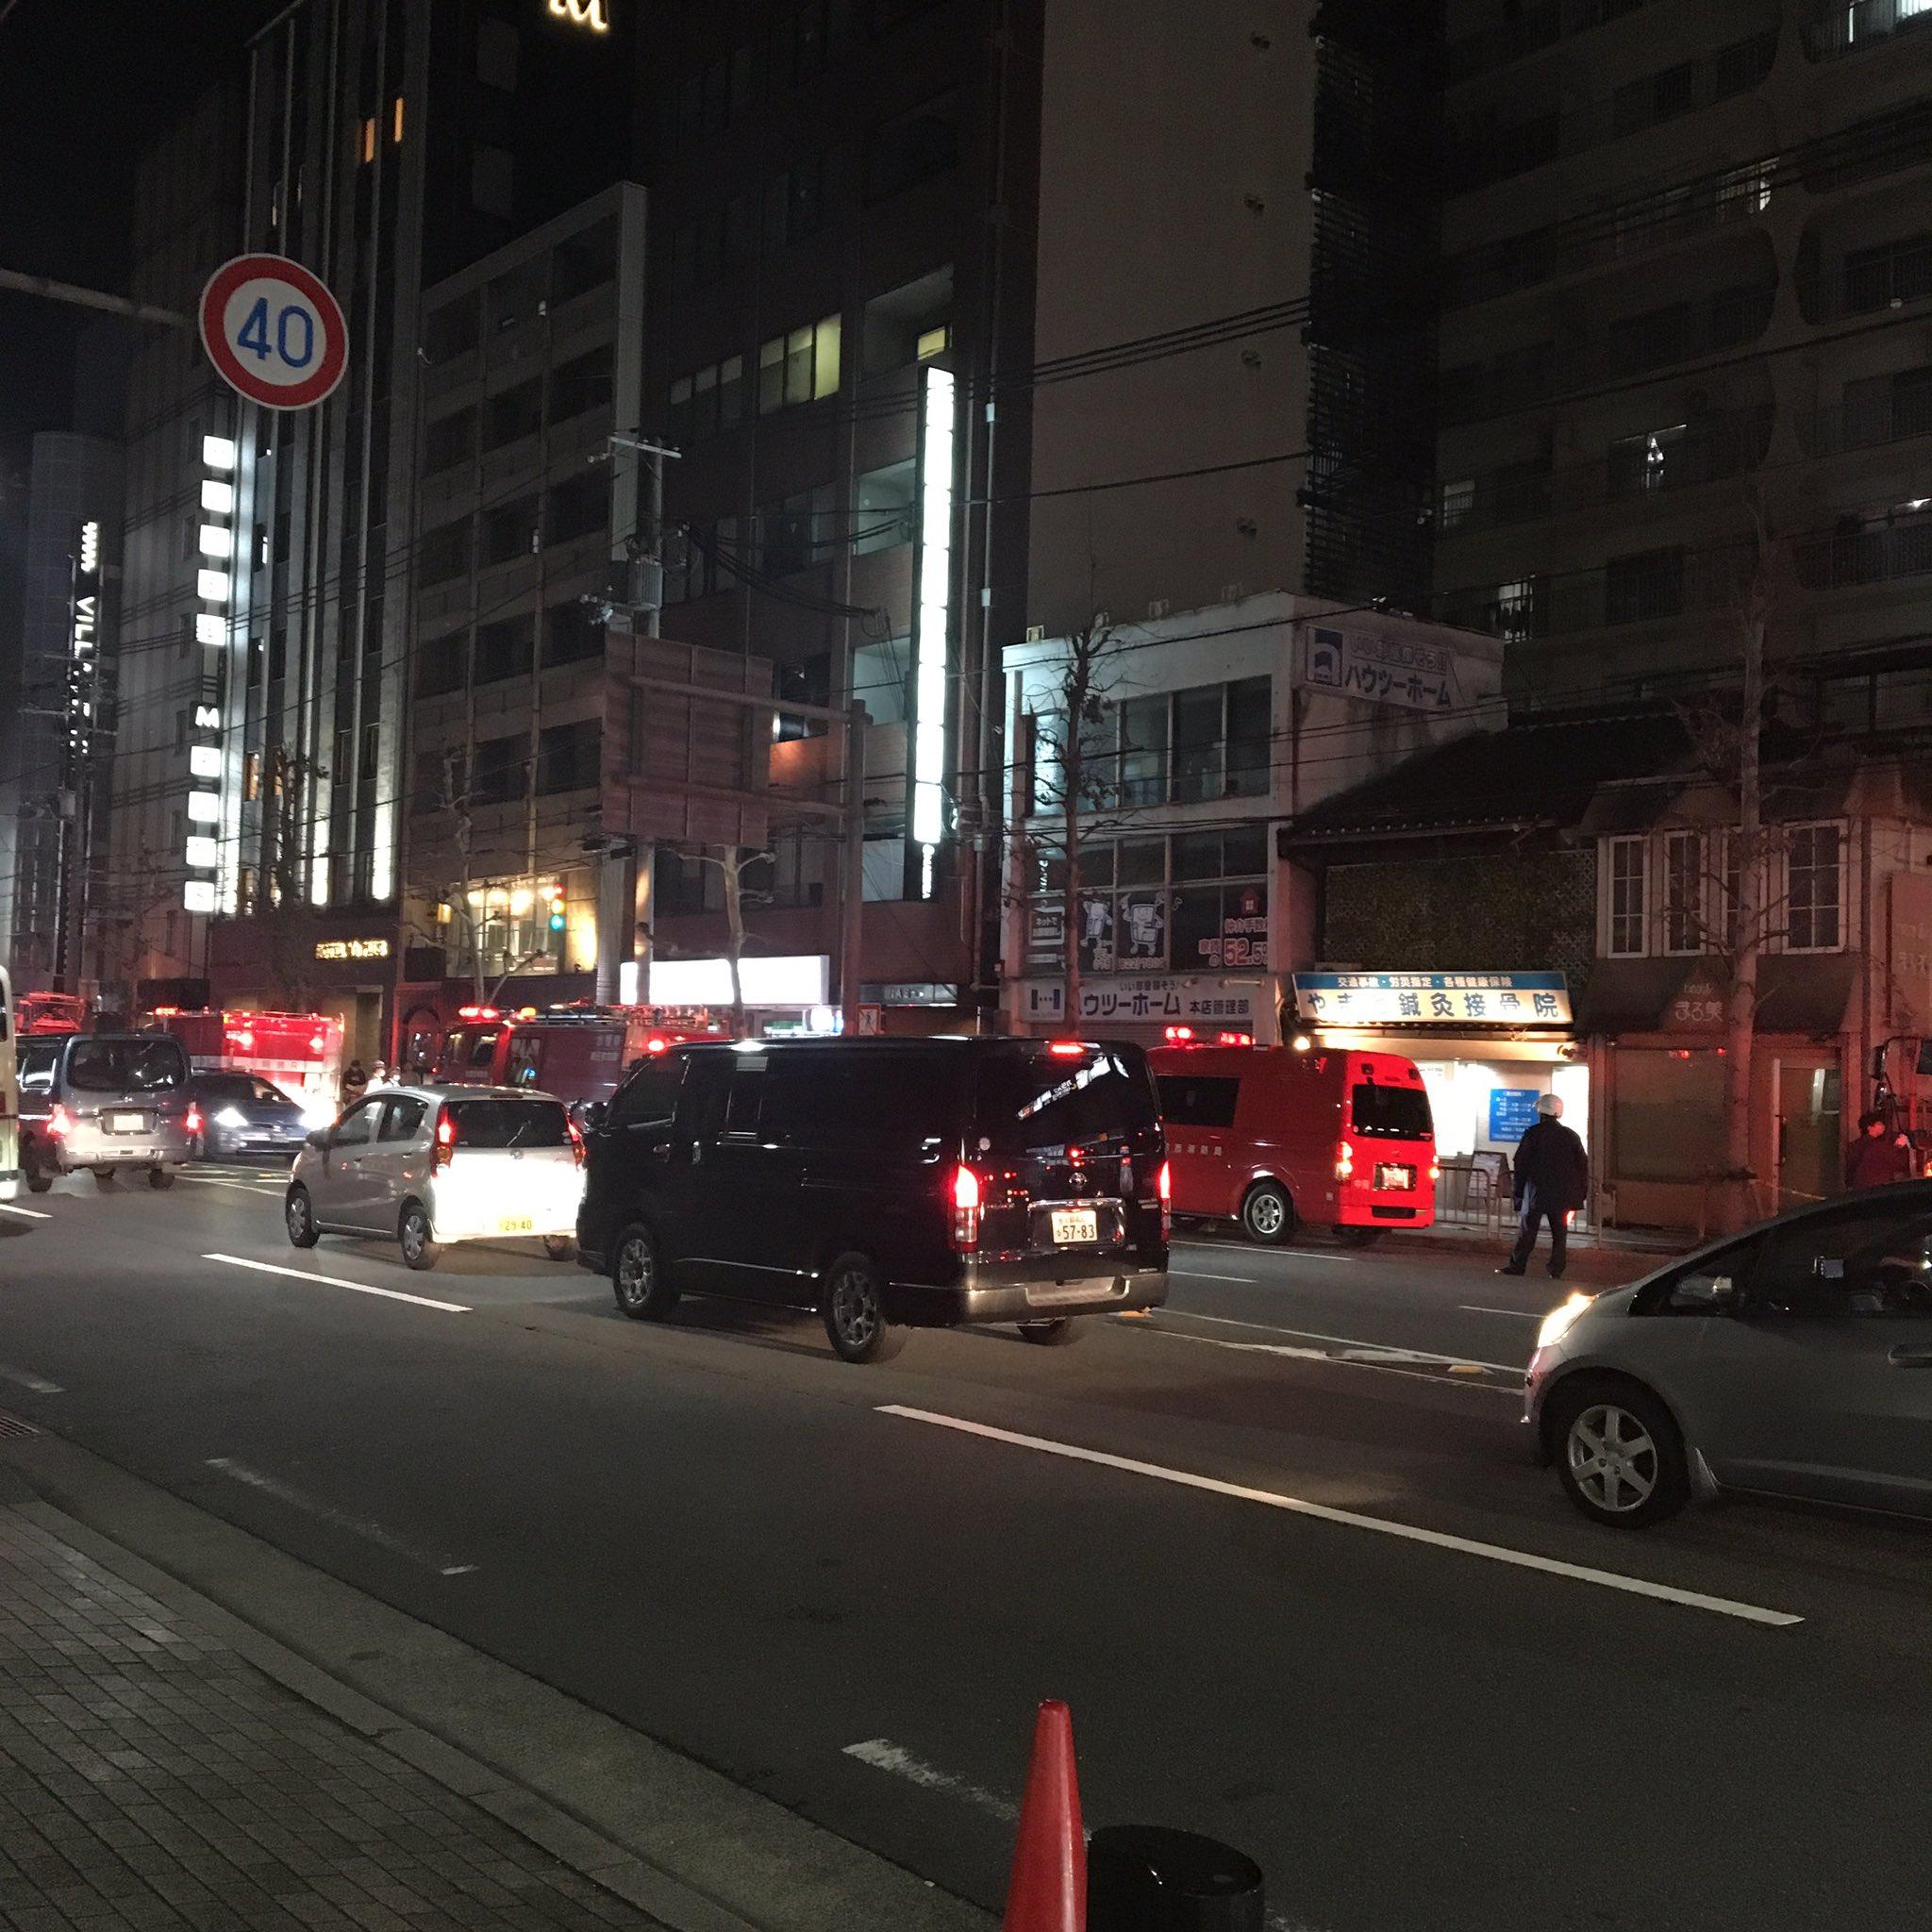 画像,騒がしいと思ったら、ホテルの目の前が火事やった🔥🔥🔥 https://t.co/UvtDM4YydS。